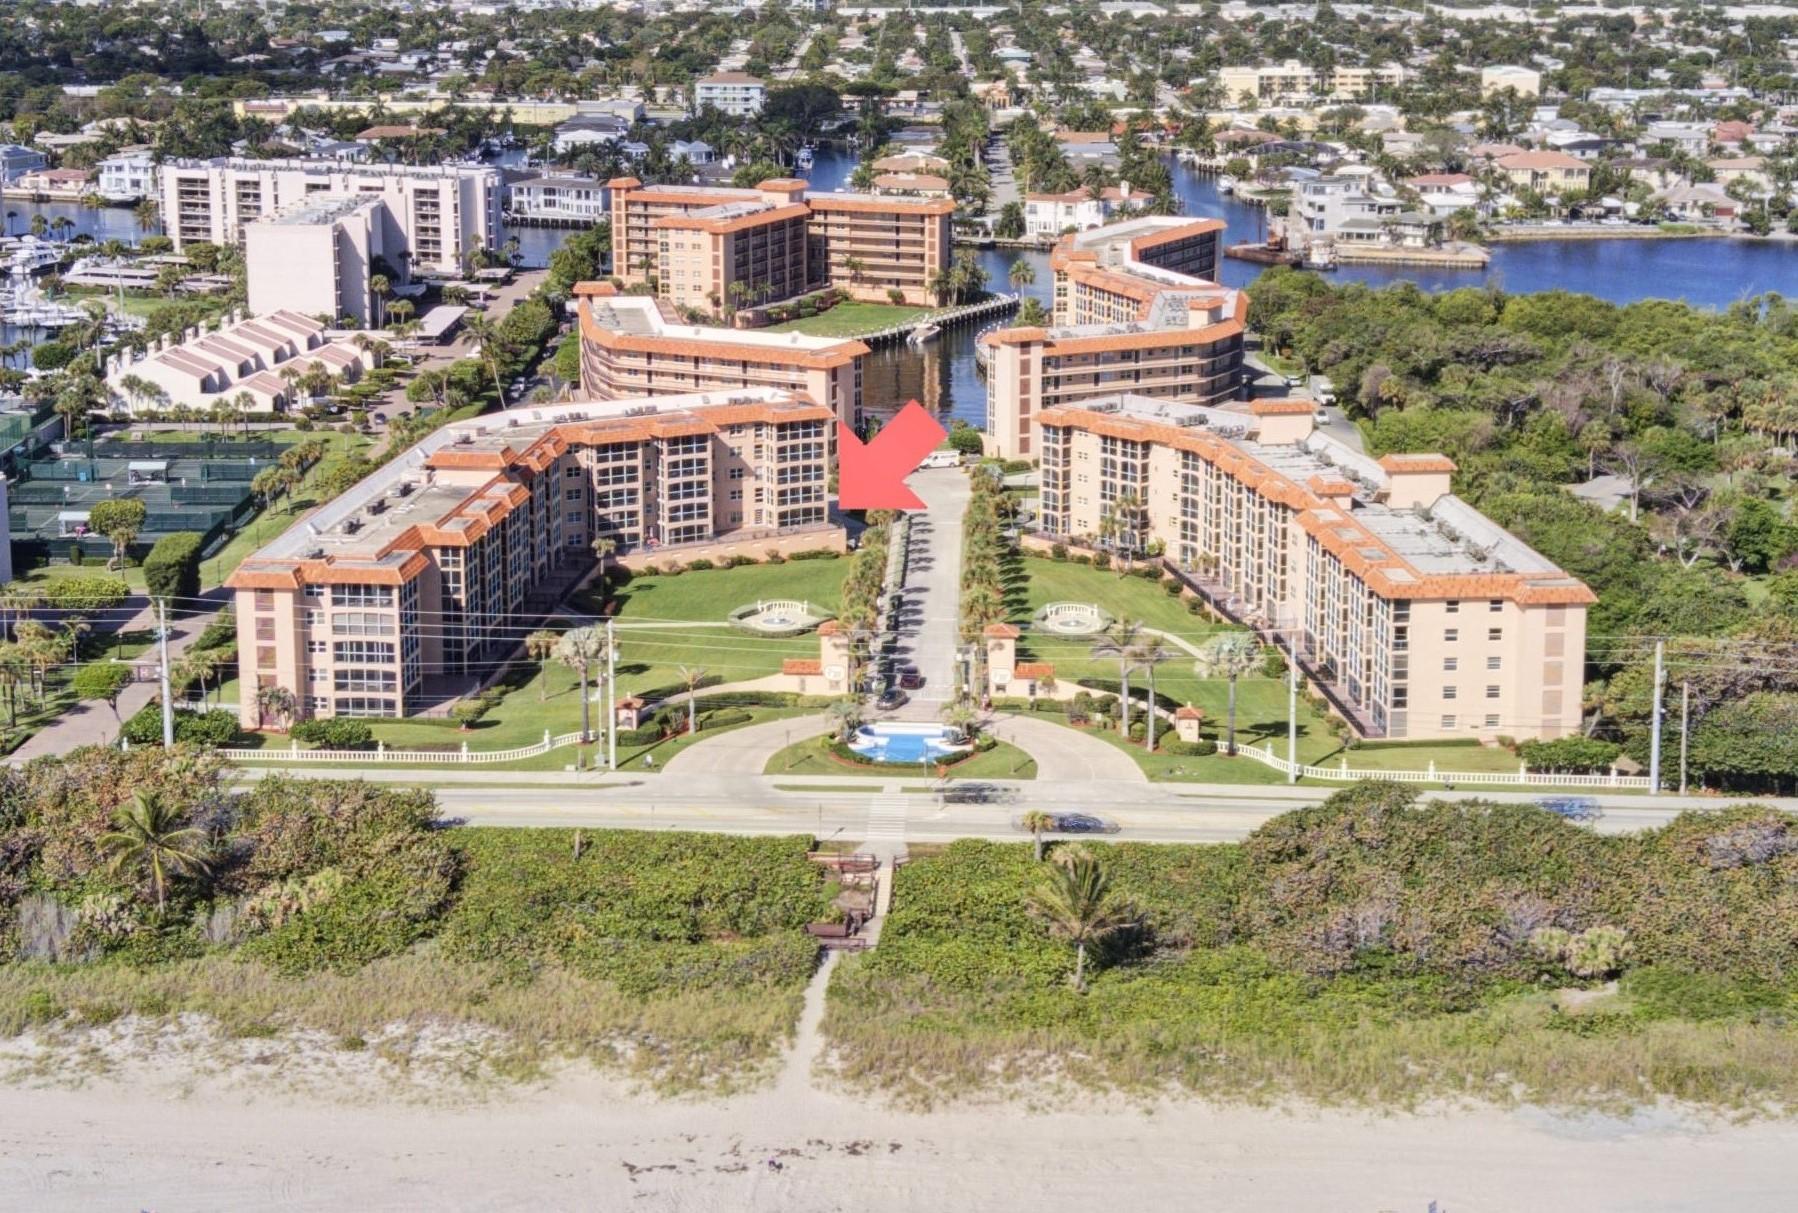 2871 N Ocean Boulevard D120  Boca Raton, FL 33431